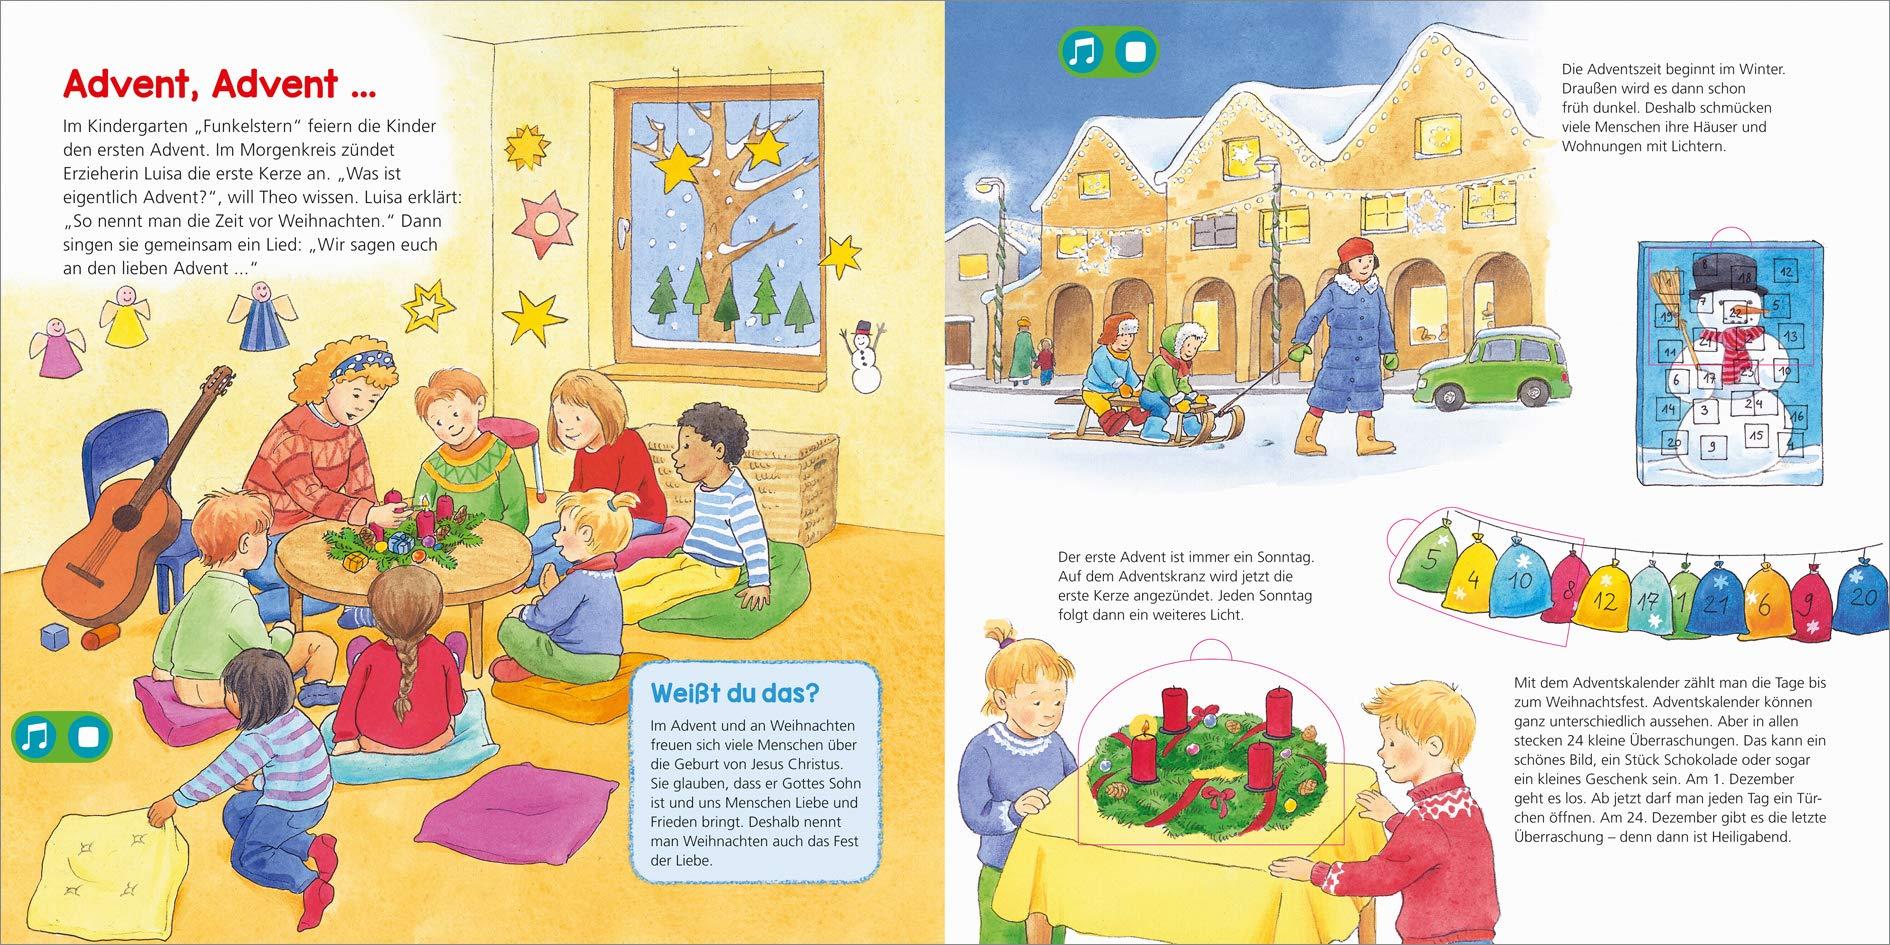 Advent Und Weihnachten Im Kindergarten.Bookii Was Ist Was Kindergarten Frohe Weihnachten Vom 1 Advent